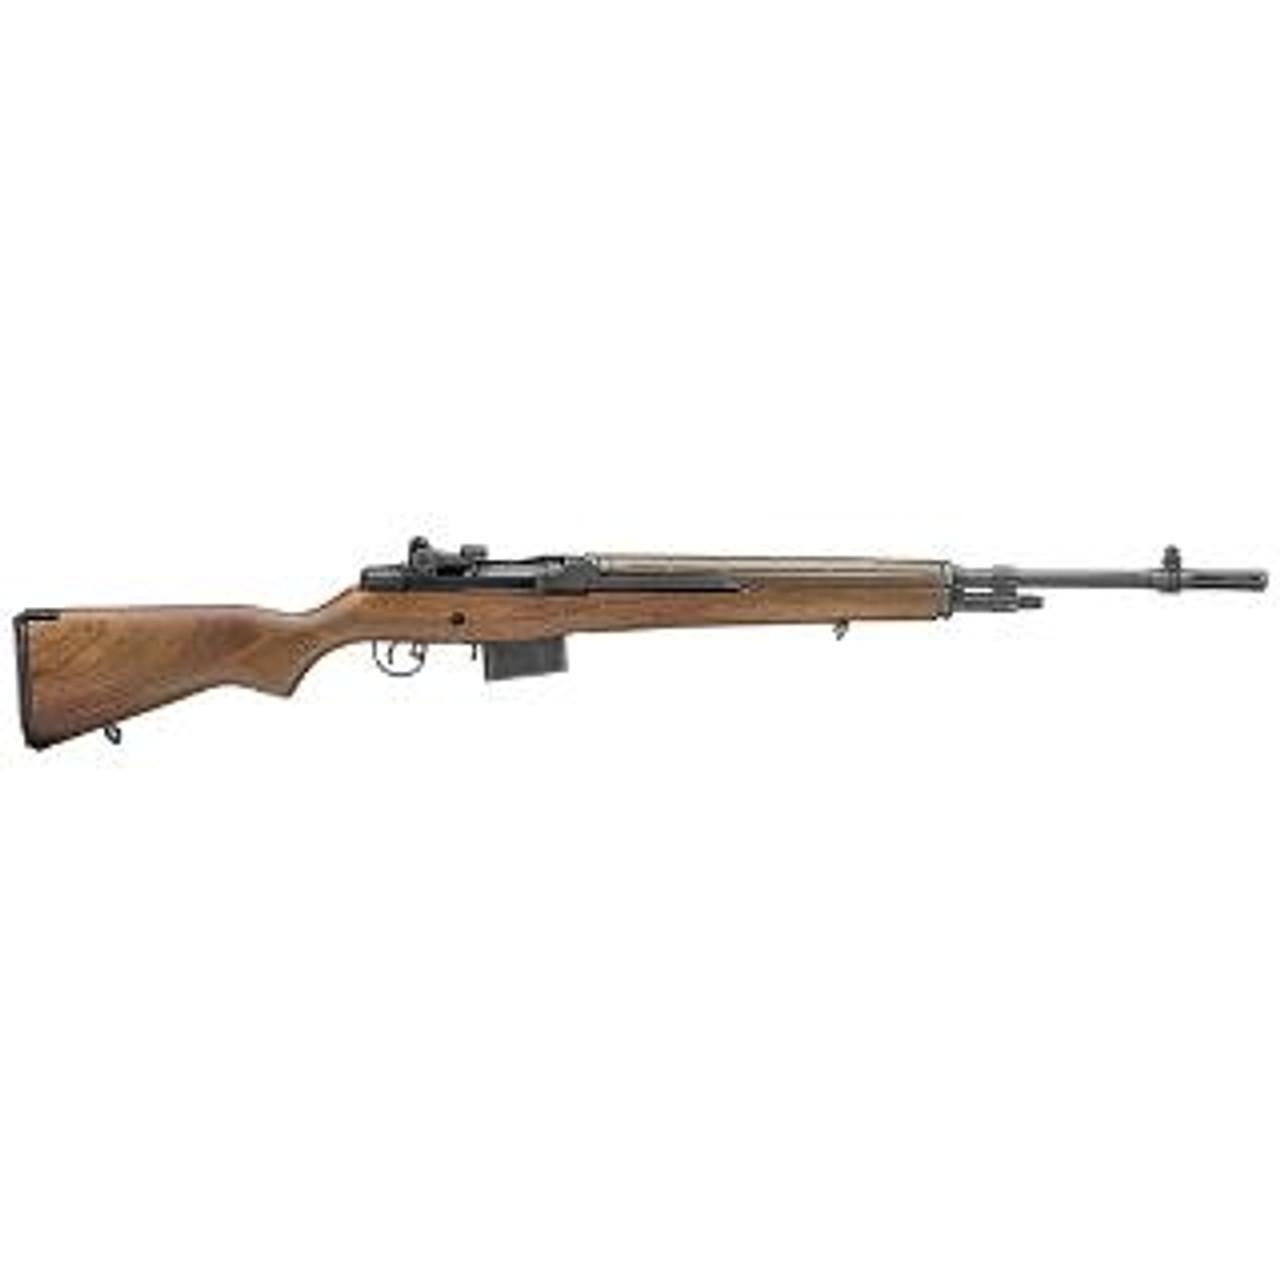 Springfield M1A Loaded CALIFORNIA LEGAL - .308/7.62x51 - Walnut